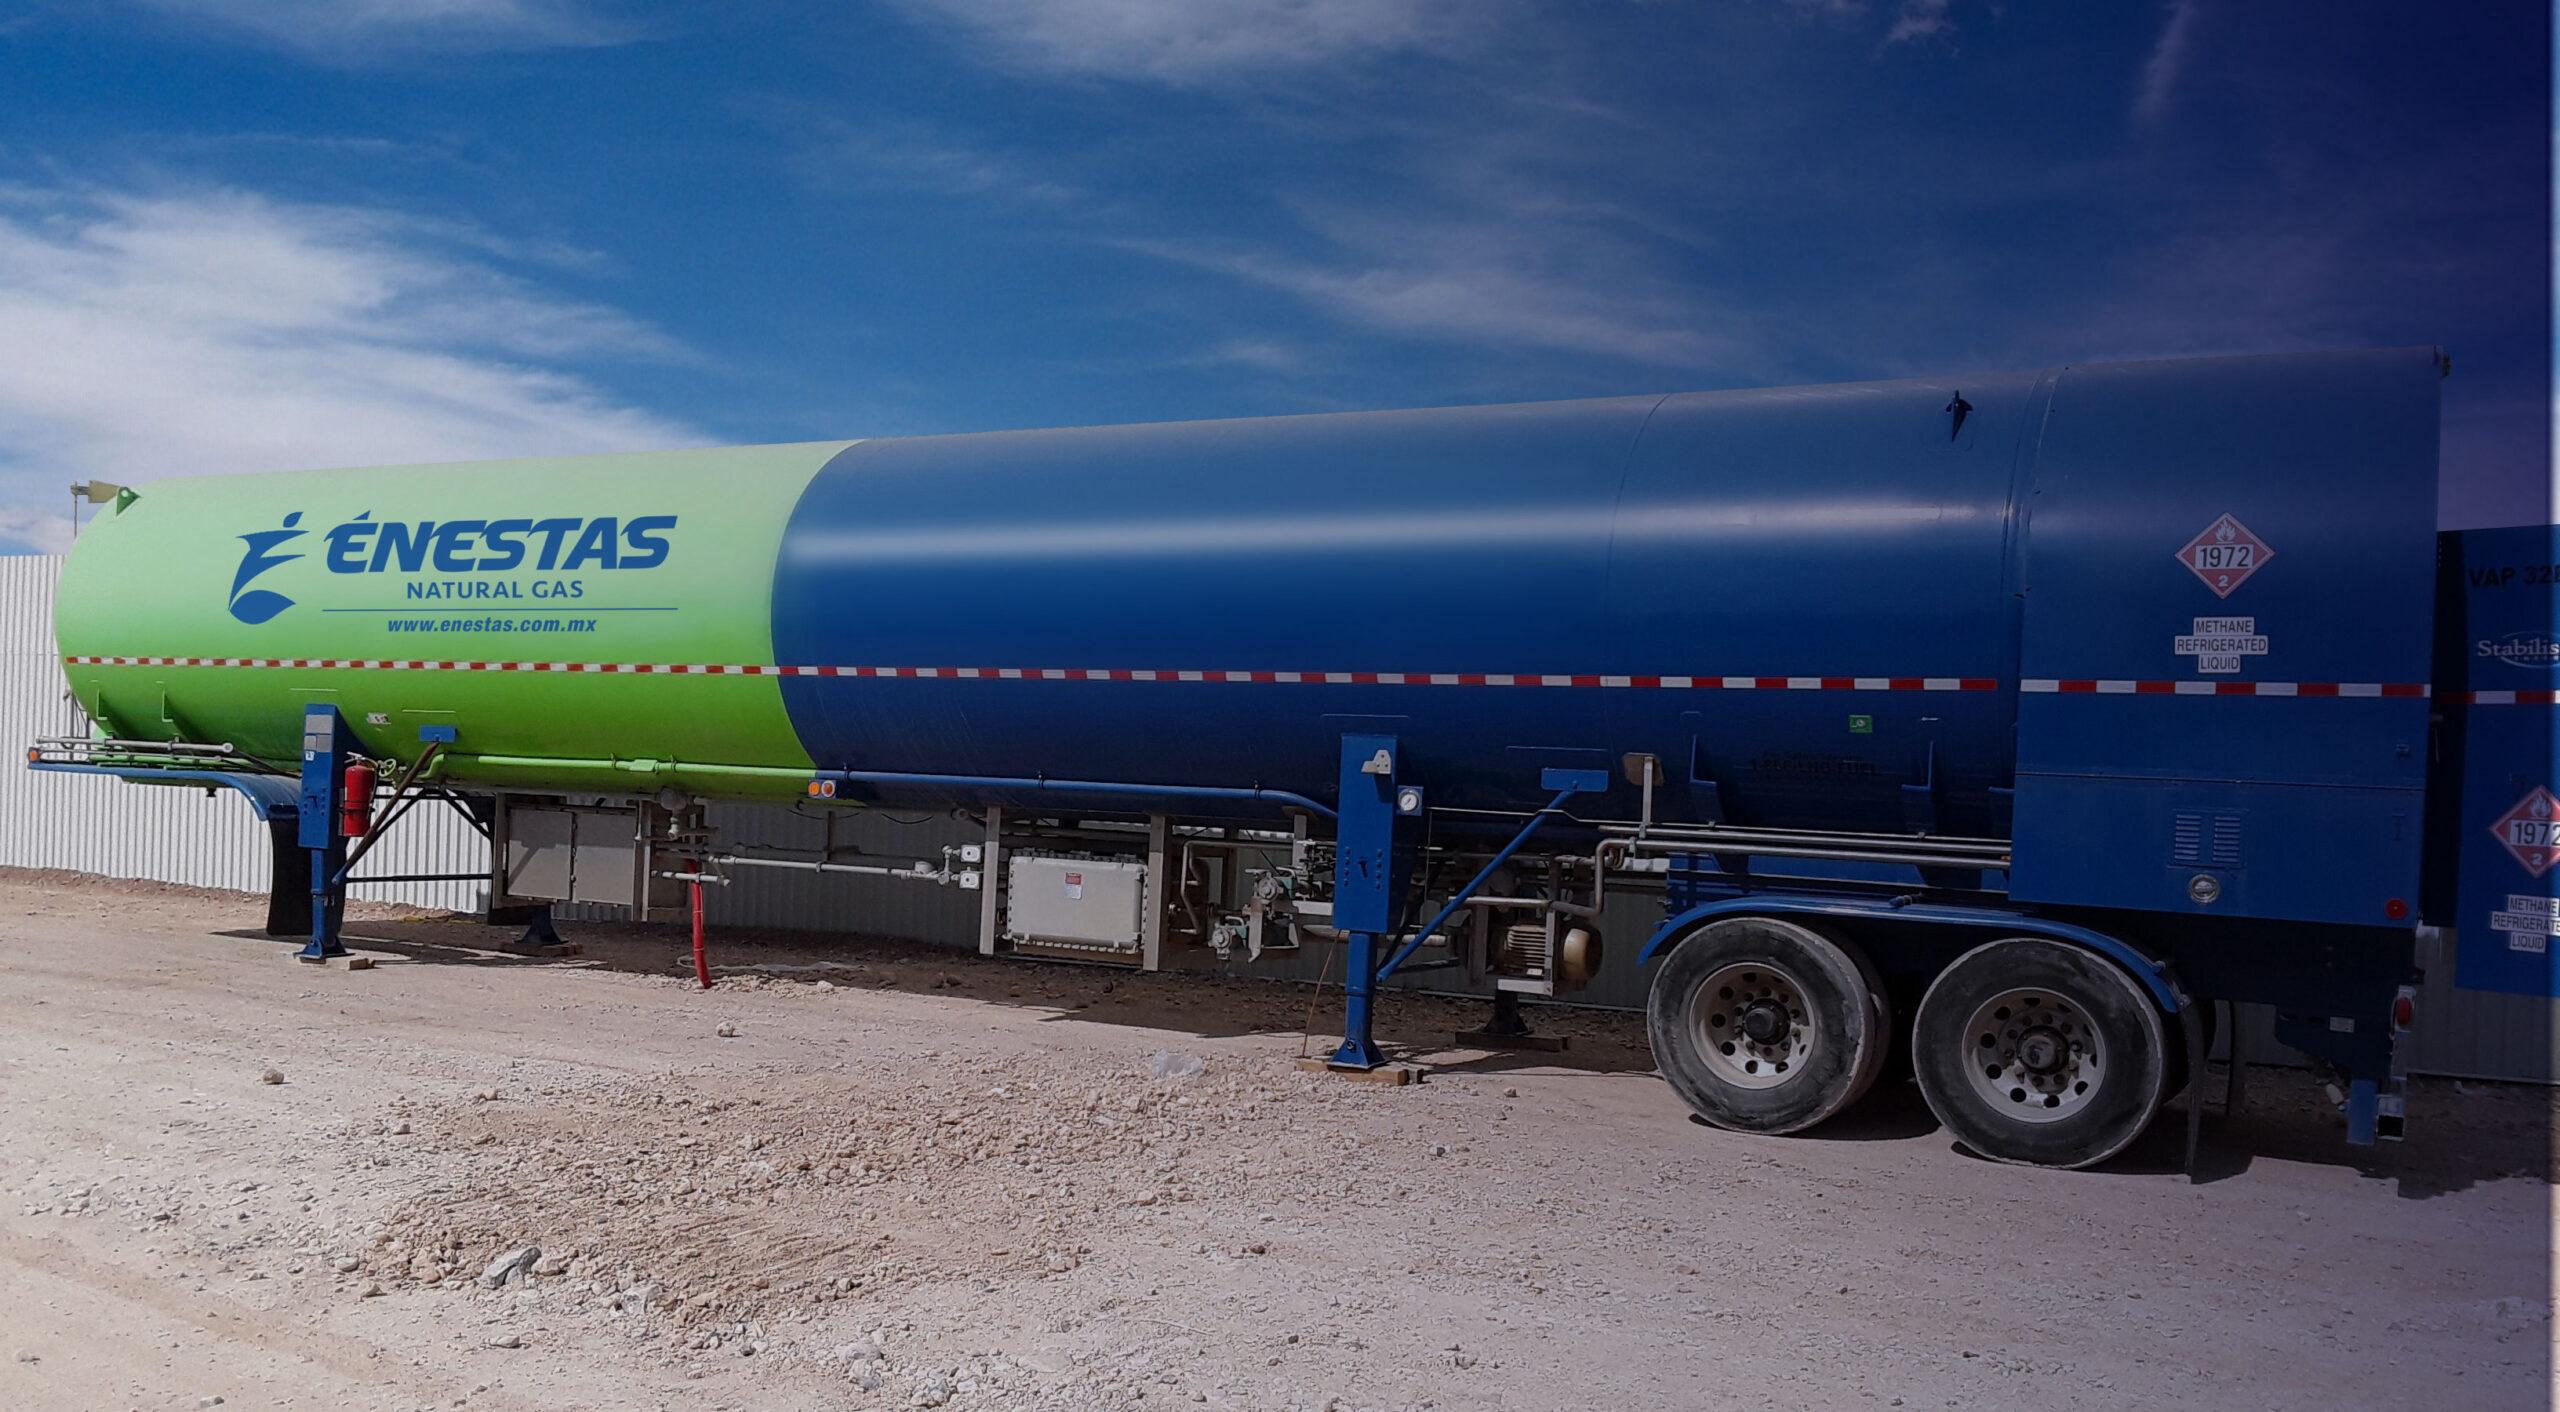 Tanque Enestas Suministro de Gas Natural Licuado 24/7